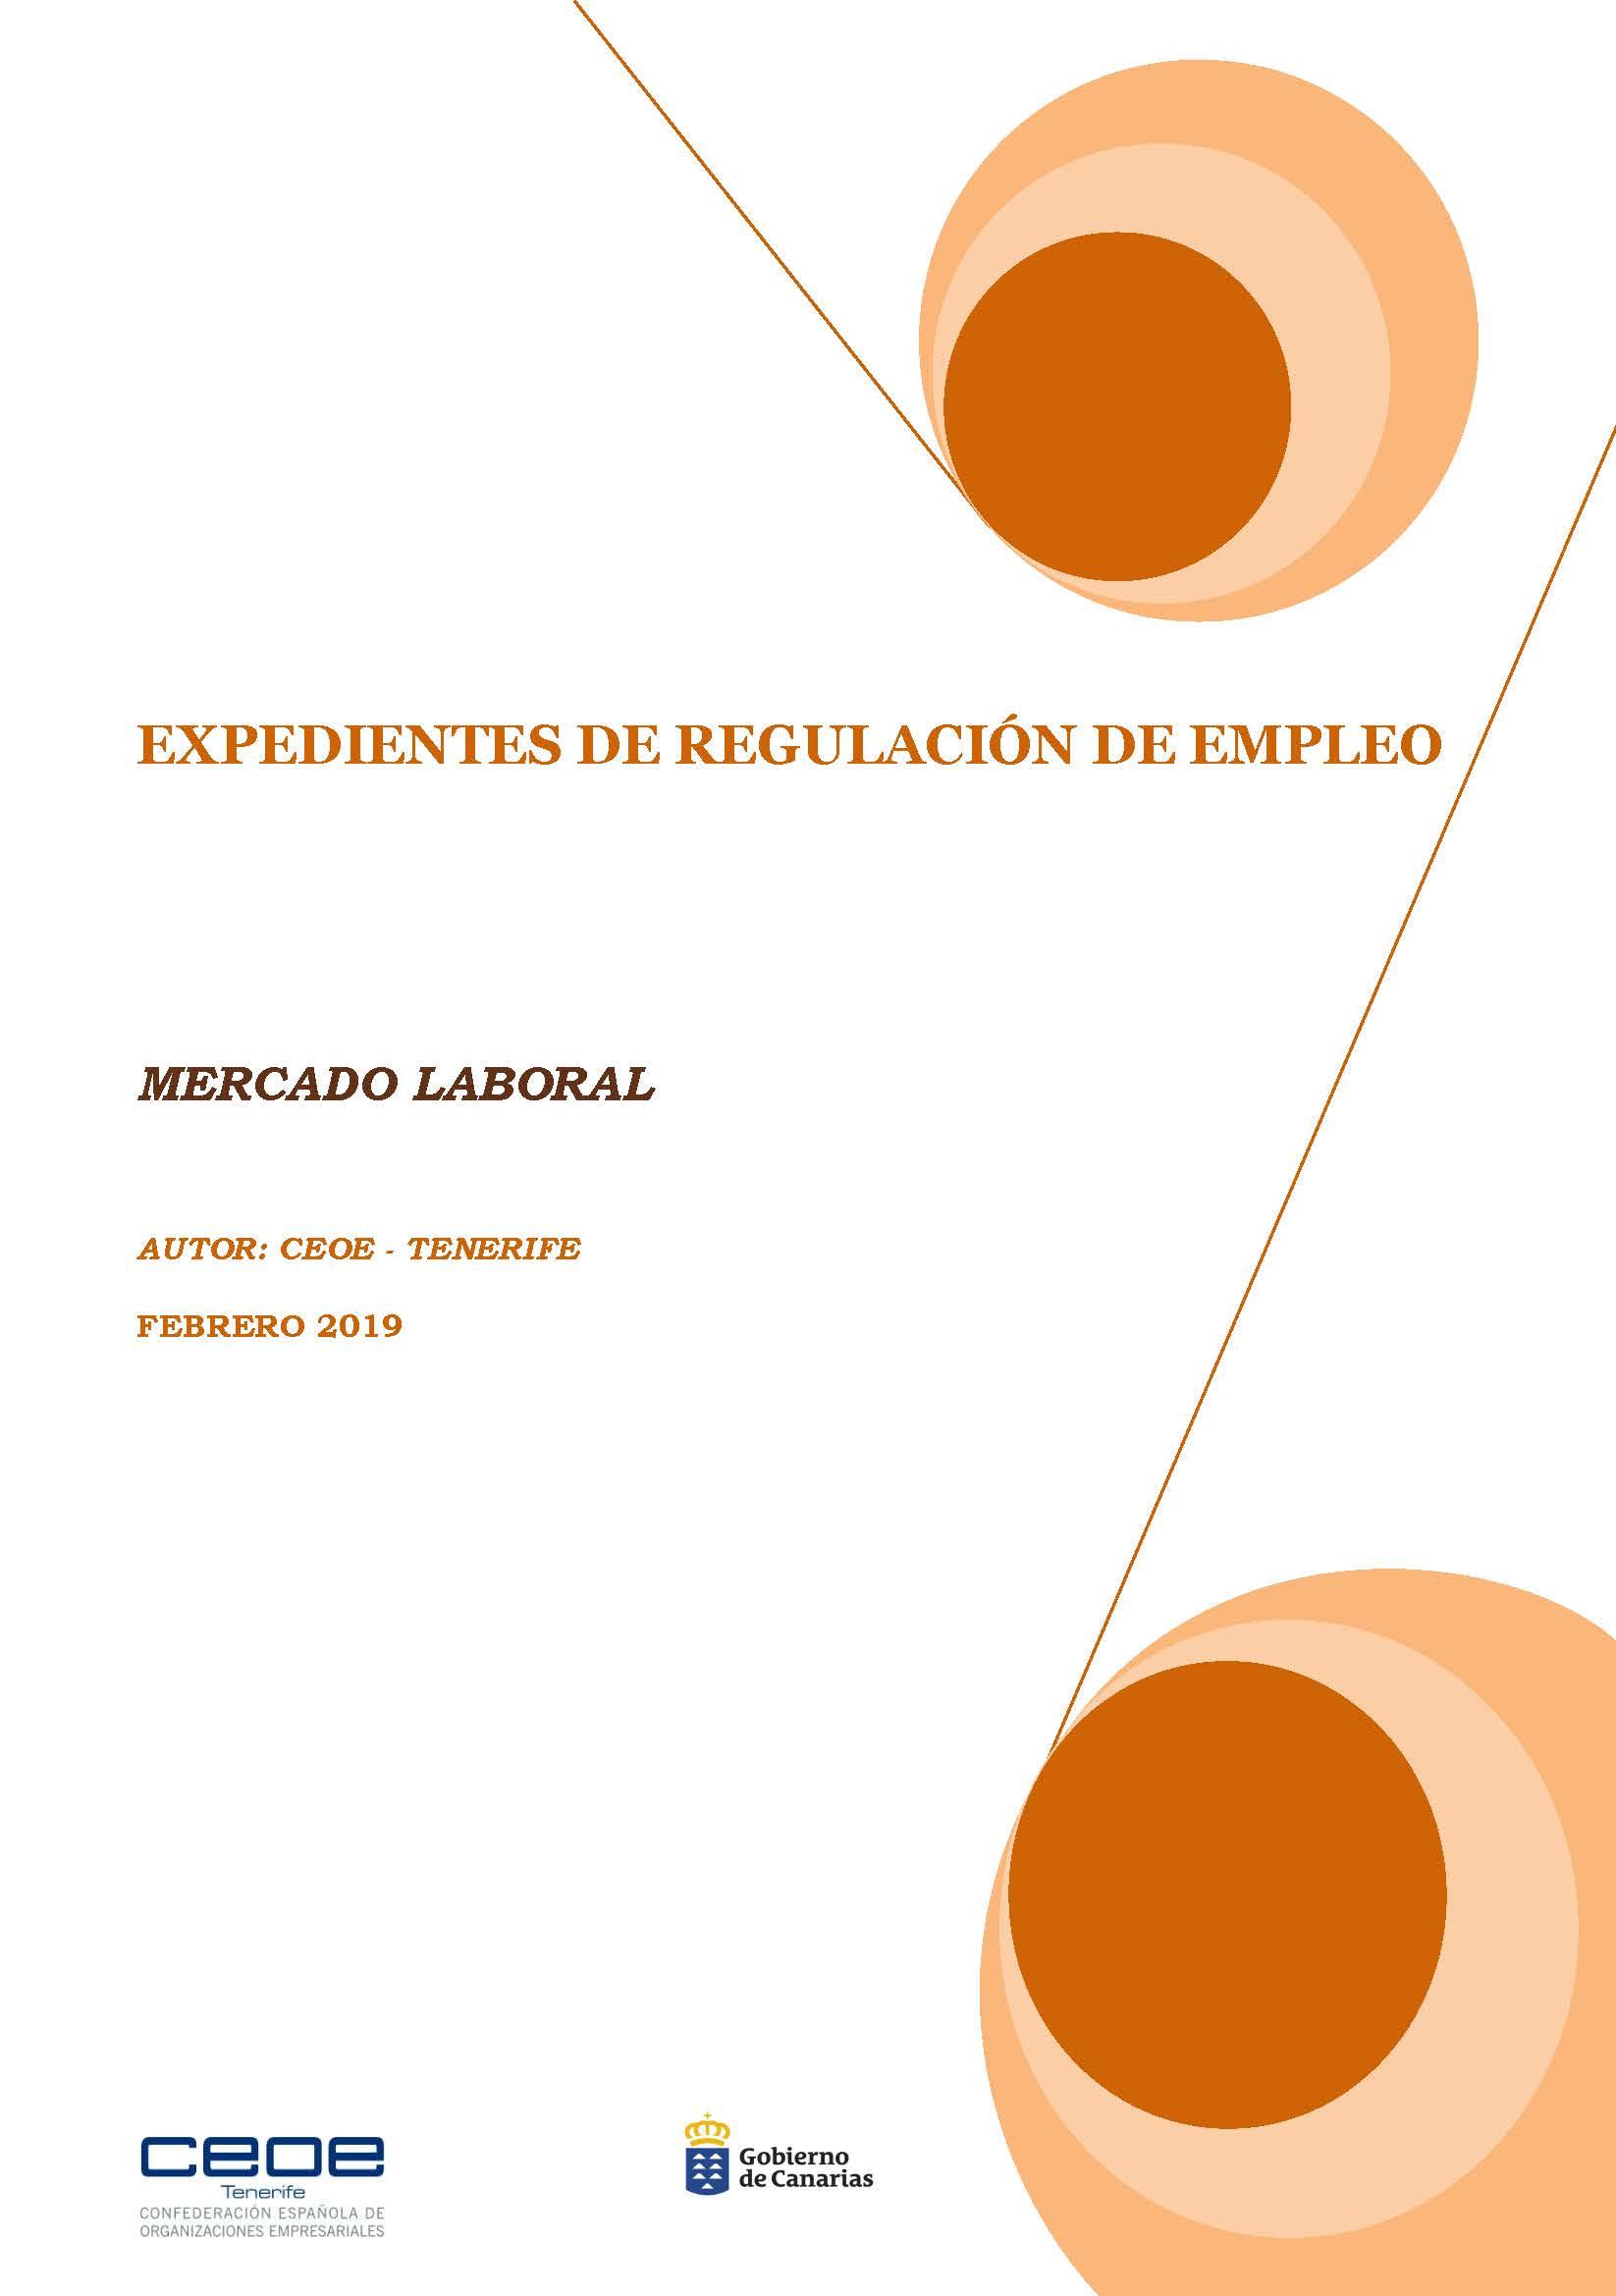 MERCADO LABORAL - ERES FEBRERO 2019